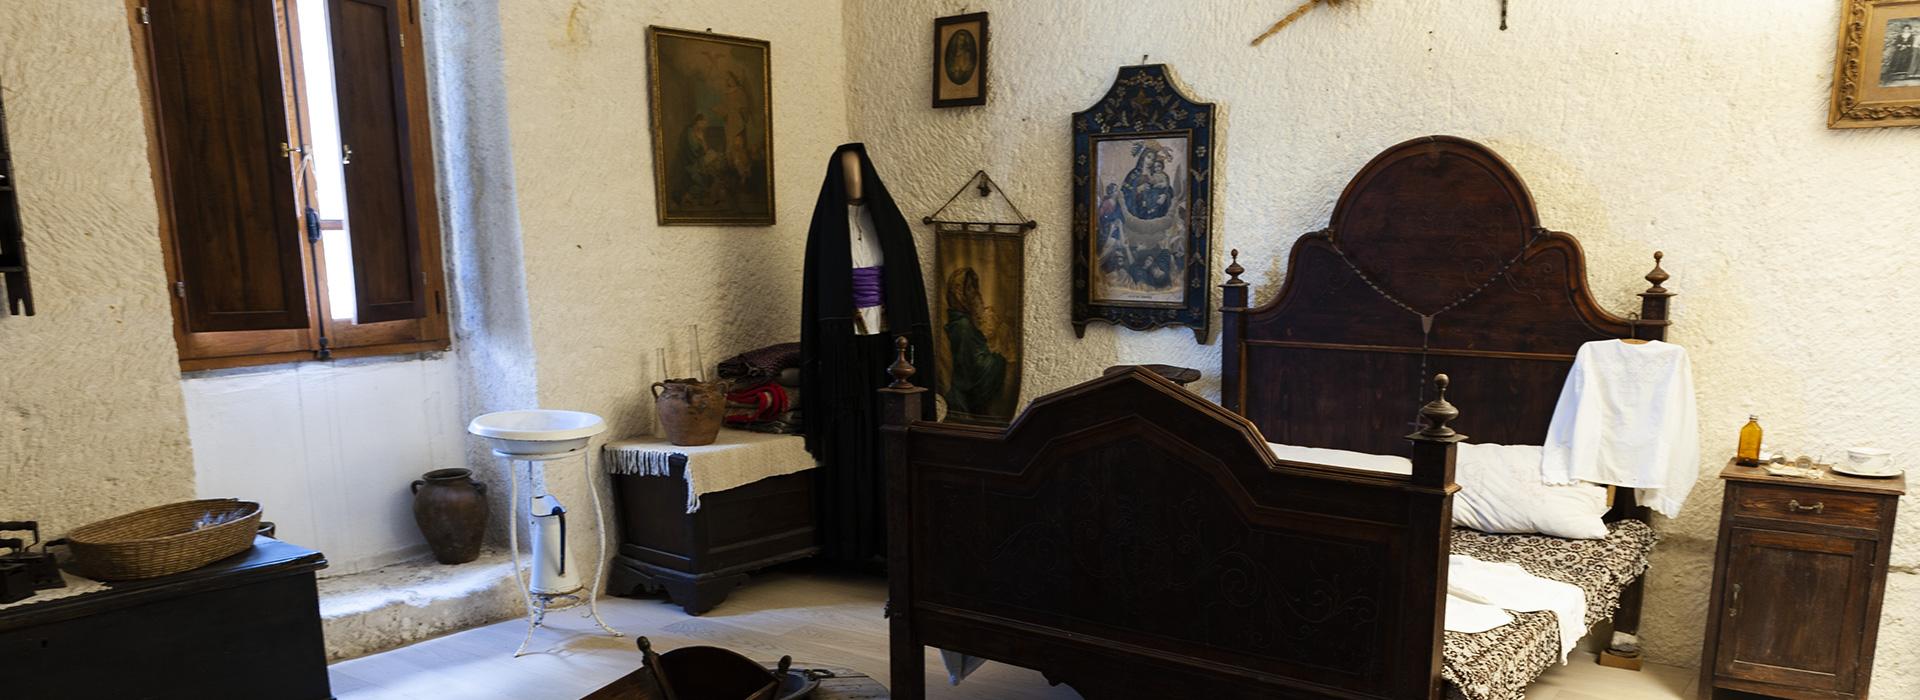 <p>Il Museo Tradizioni Etnografiche dell'Anglona Domus de Janas è aperto nei seguenti orari: Dal Lunendìal Venerdì: 9:30 – 13:00 / 15:00 – 18:00 – Sabato e Domenica: 10:00 – 13:00</p>